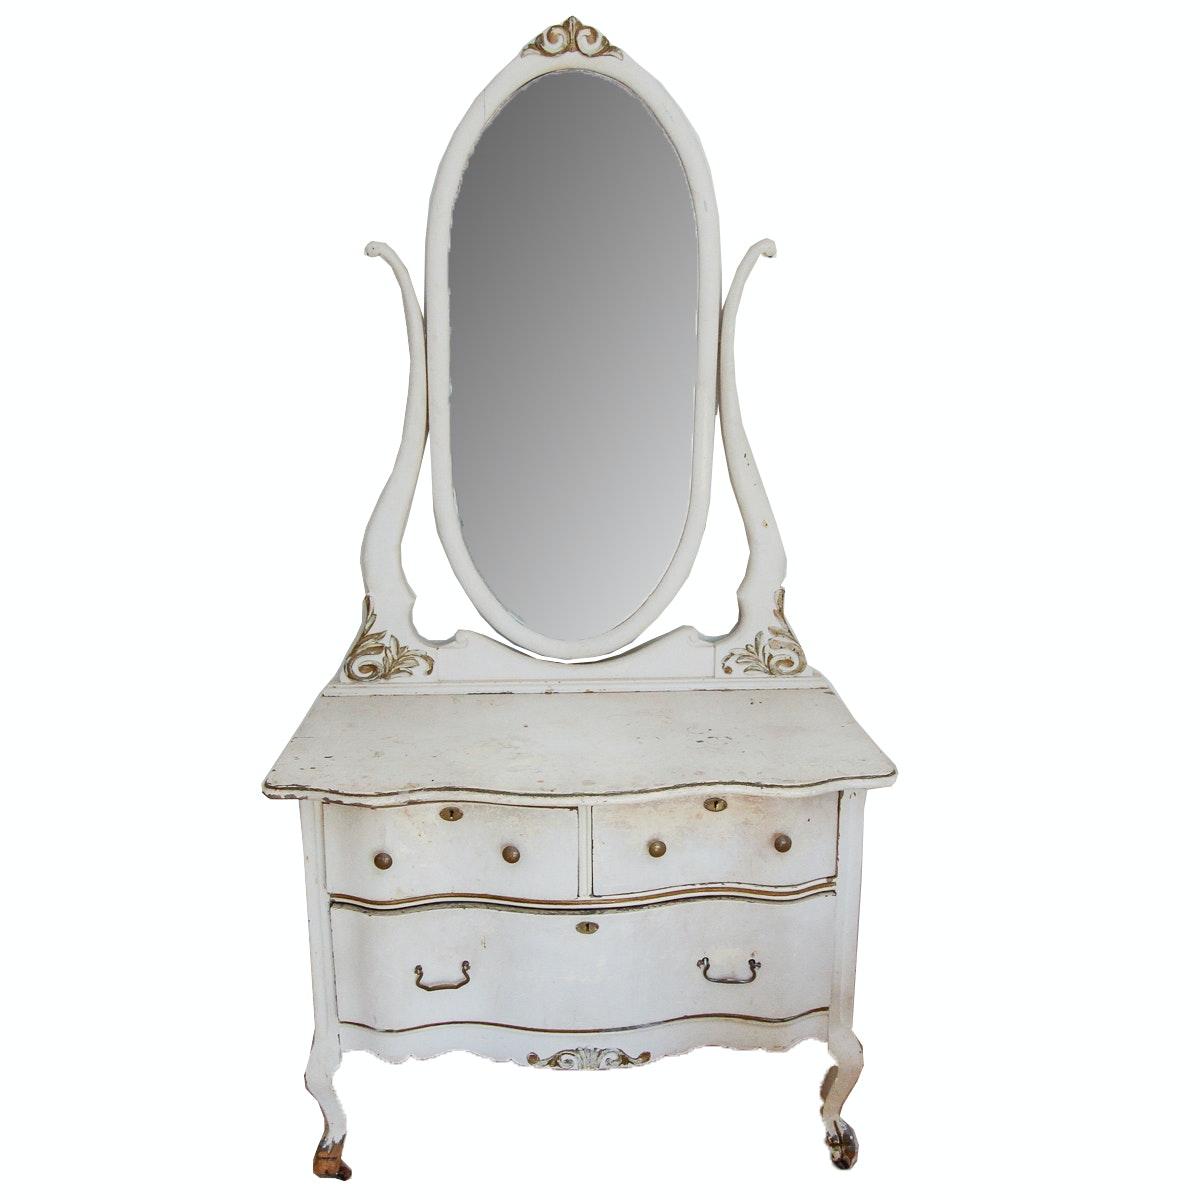 Vintage Victorian Style Painted Vanity